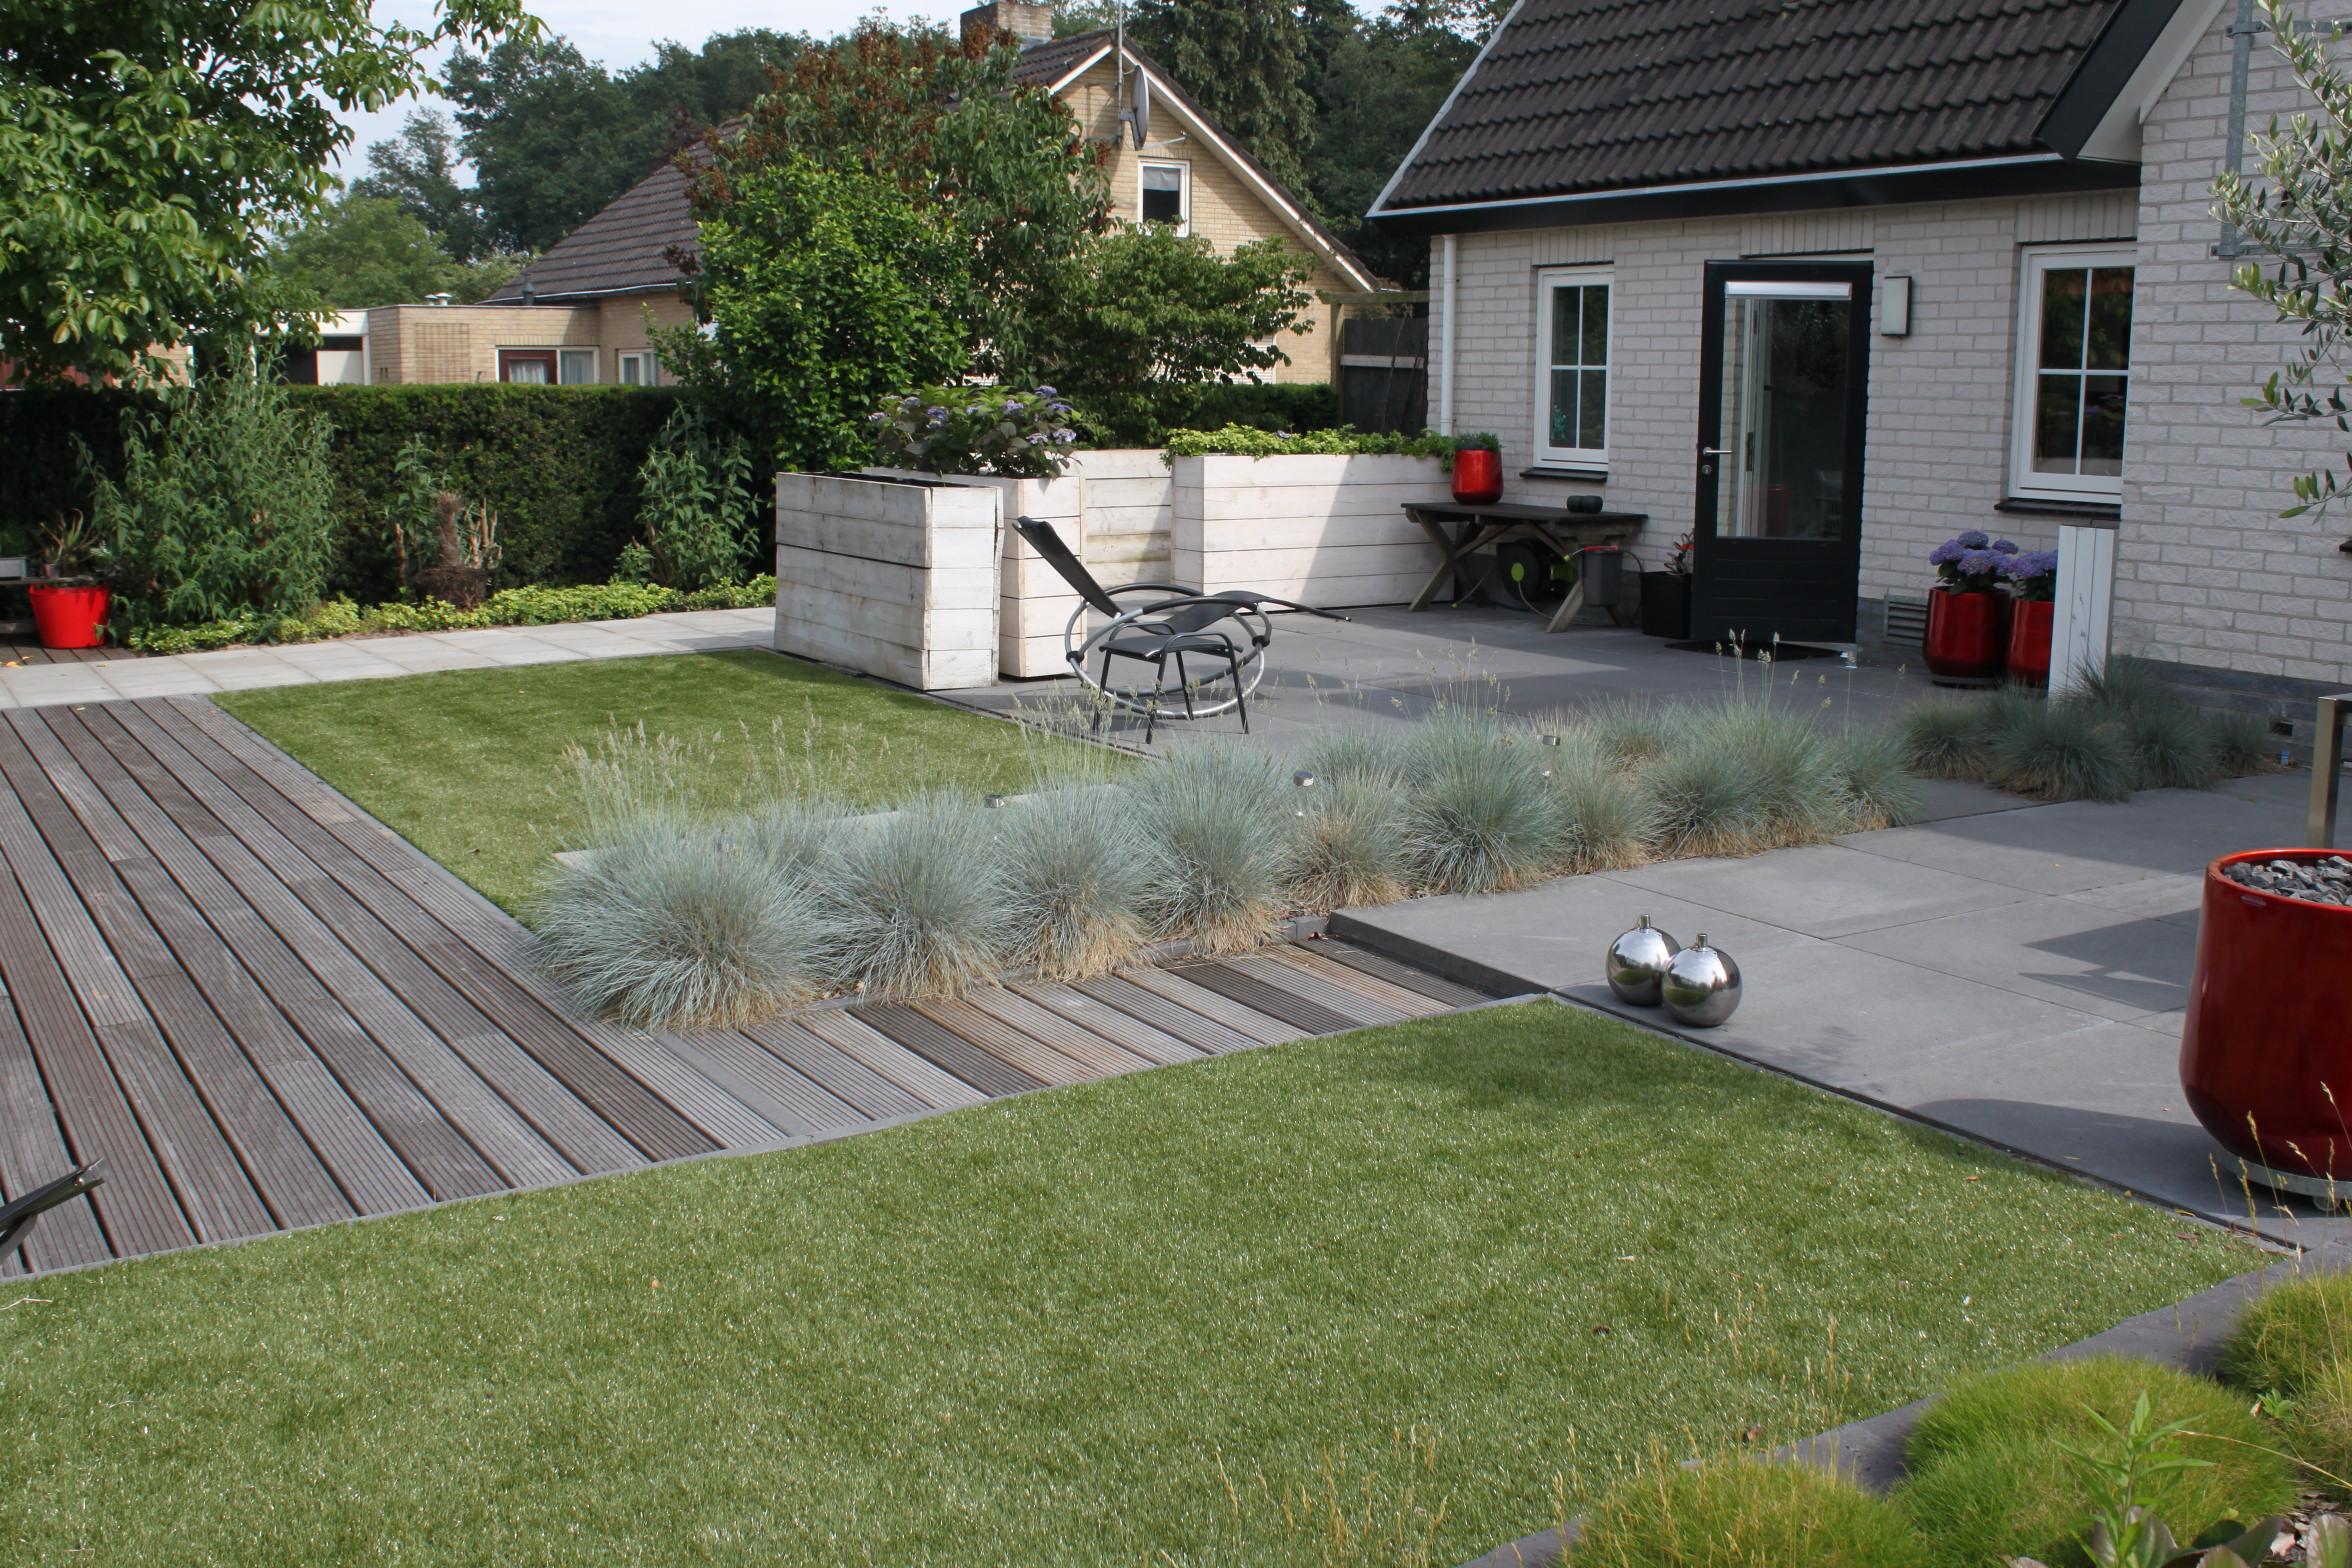 Het gras is groener bij de buren niet met kunstgras in de tuin plezierig wonen - Hoe een heuvelachtige tuin te plannen ...